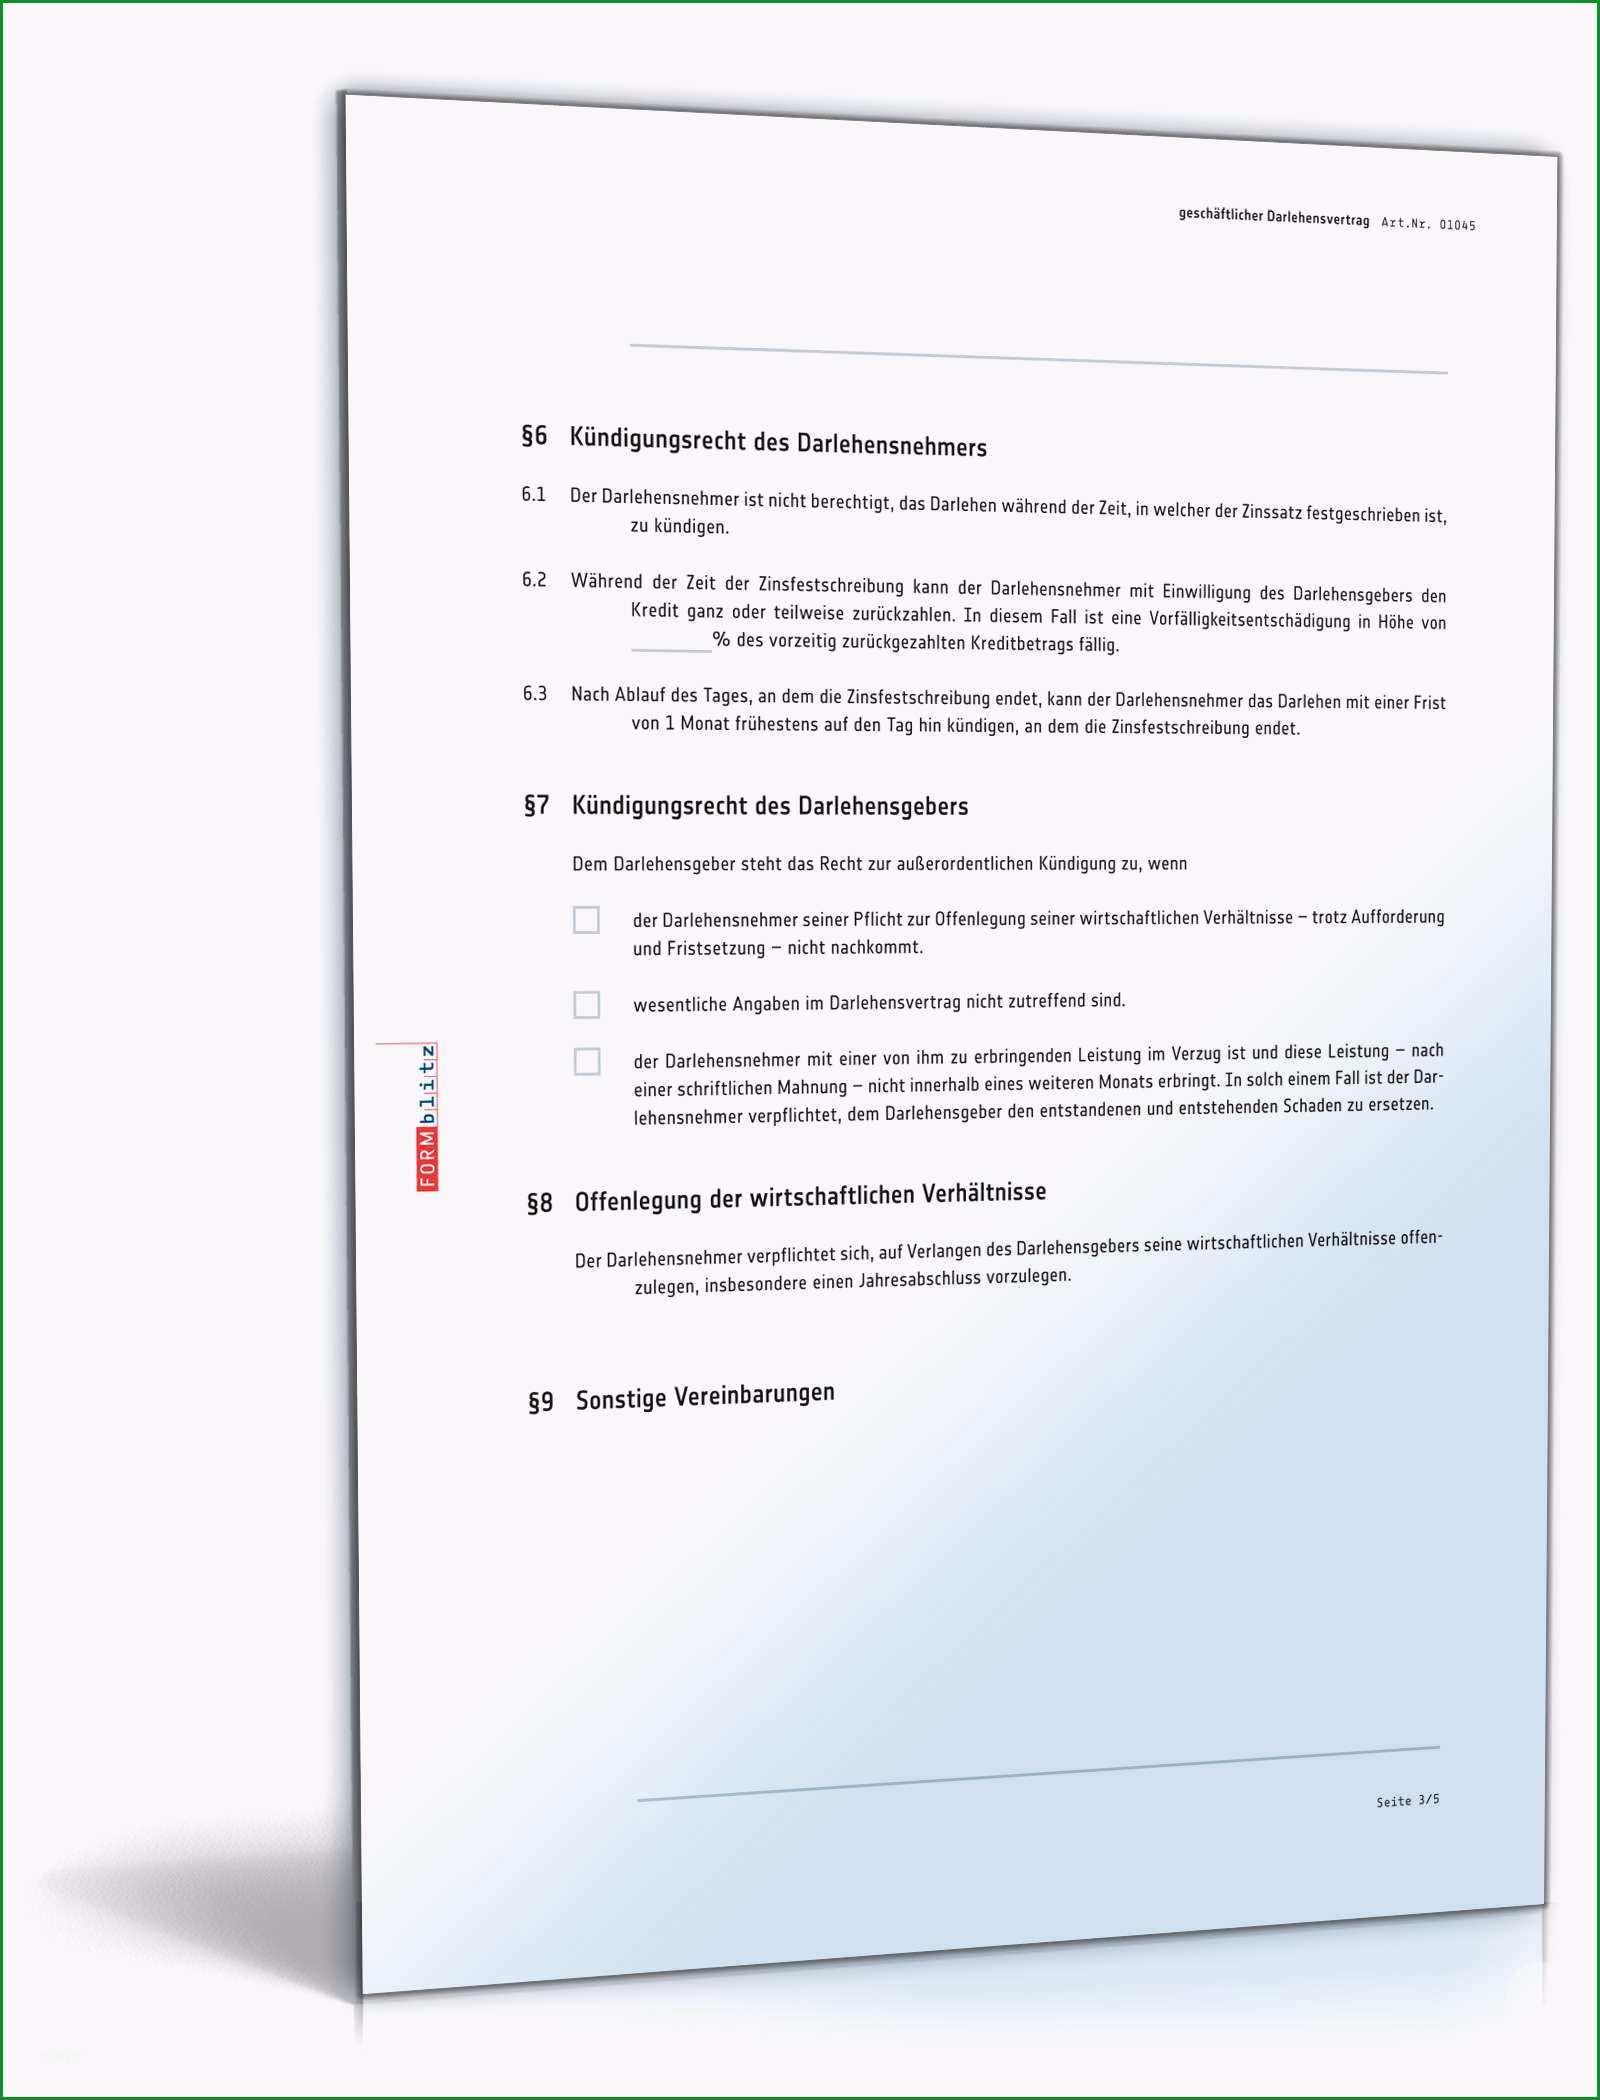 Ausgezeichnet Freund Geld Leihen Vertrag Vorlage Der Beste 12 Darlehen